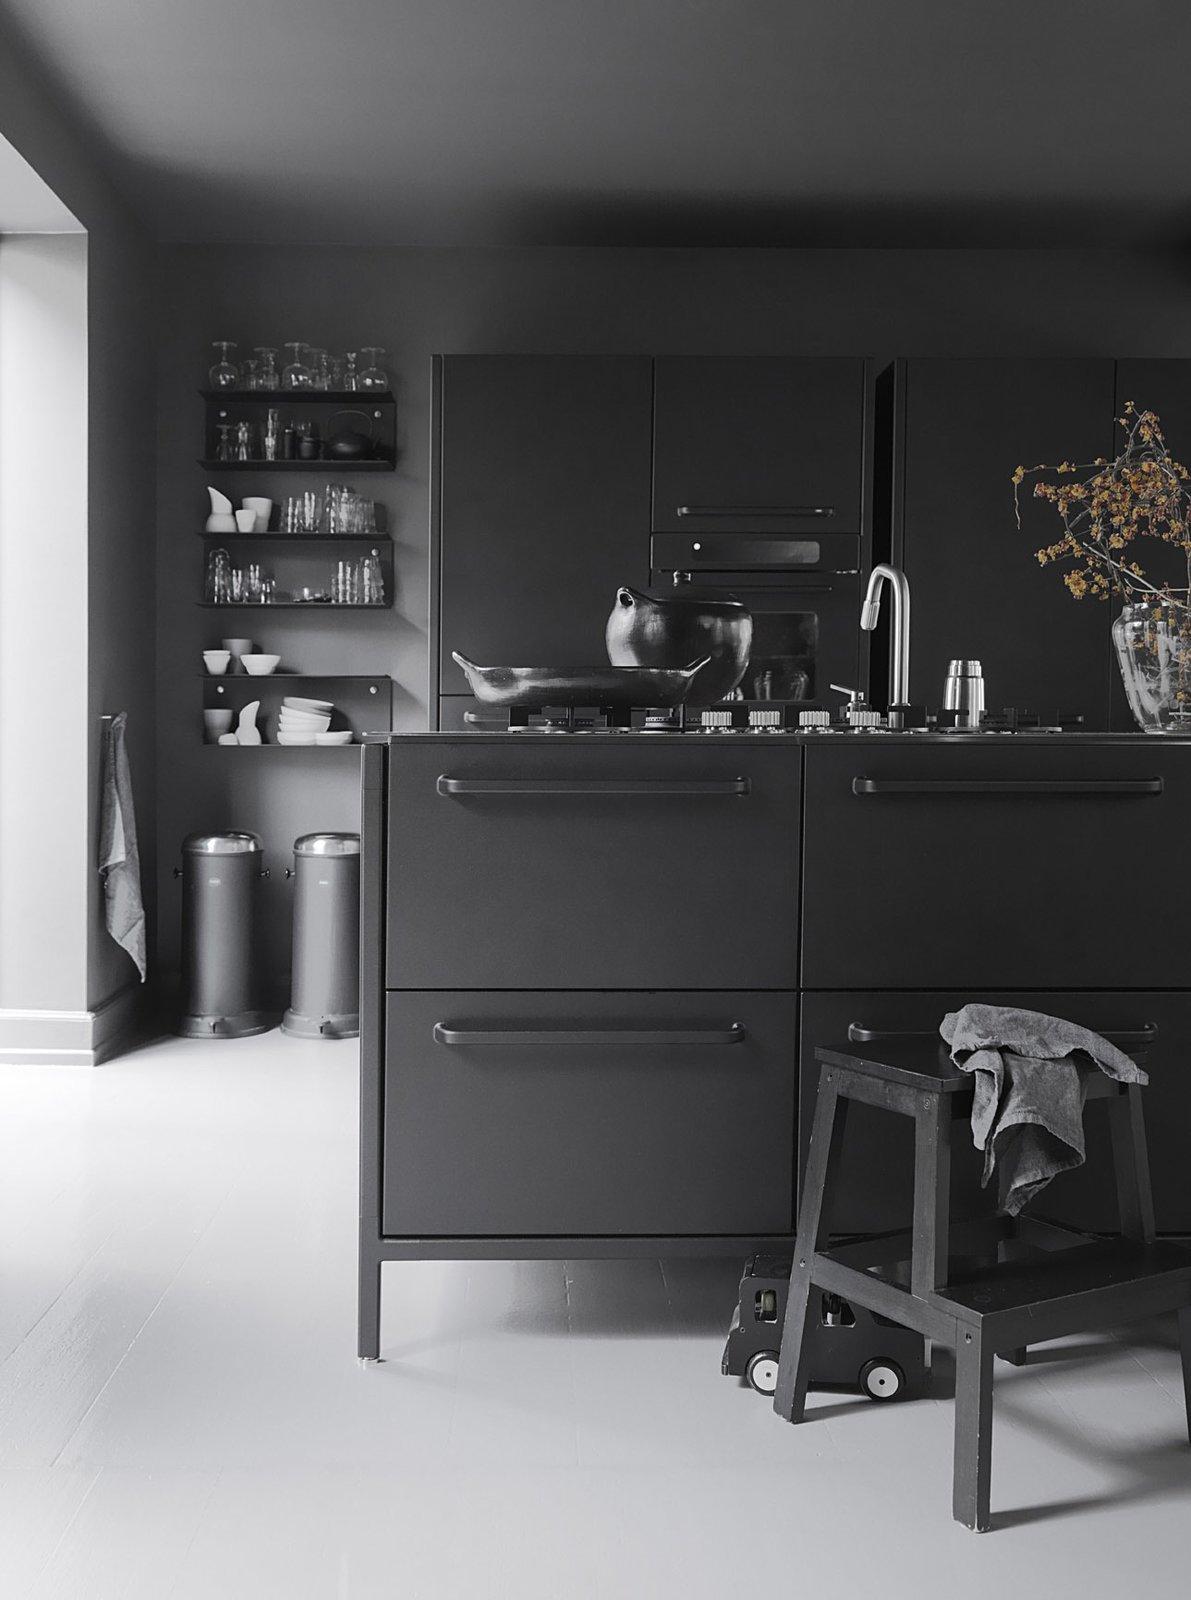 Monochromatic Kitchen #interiordesign #modern #minimalism